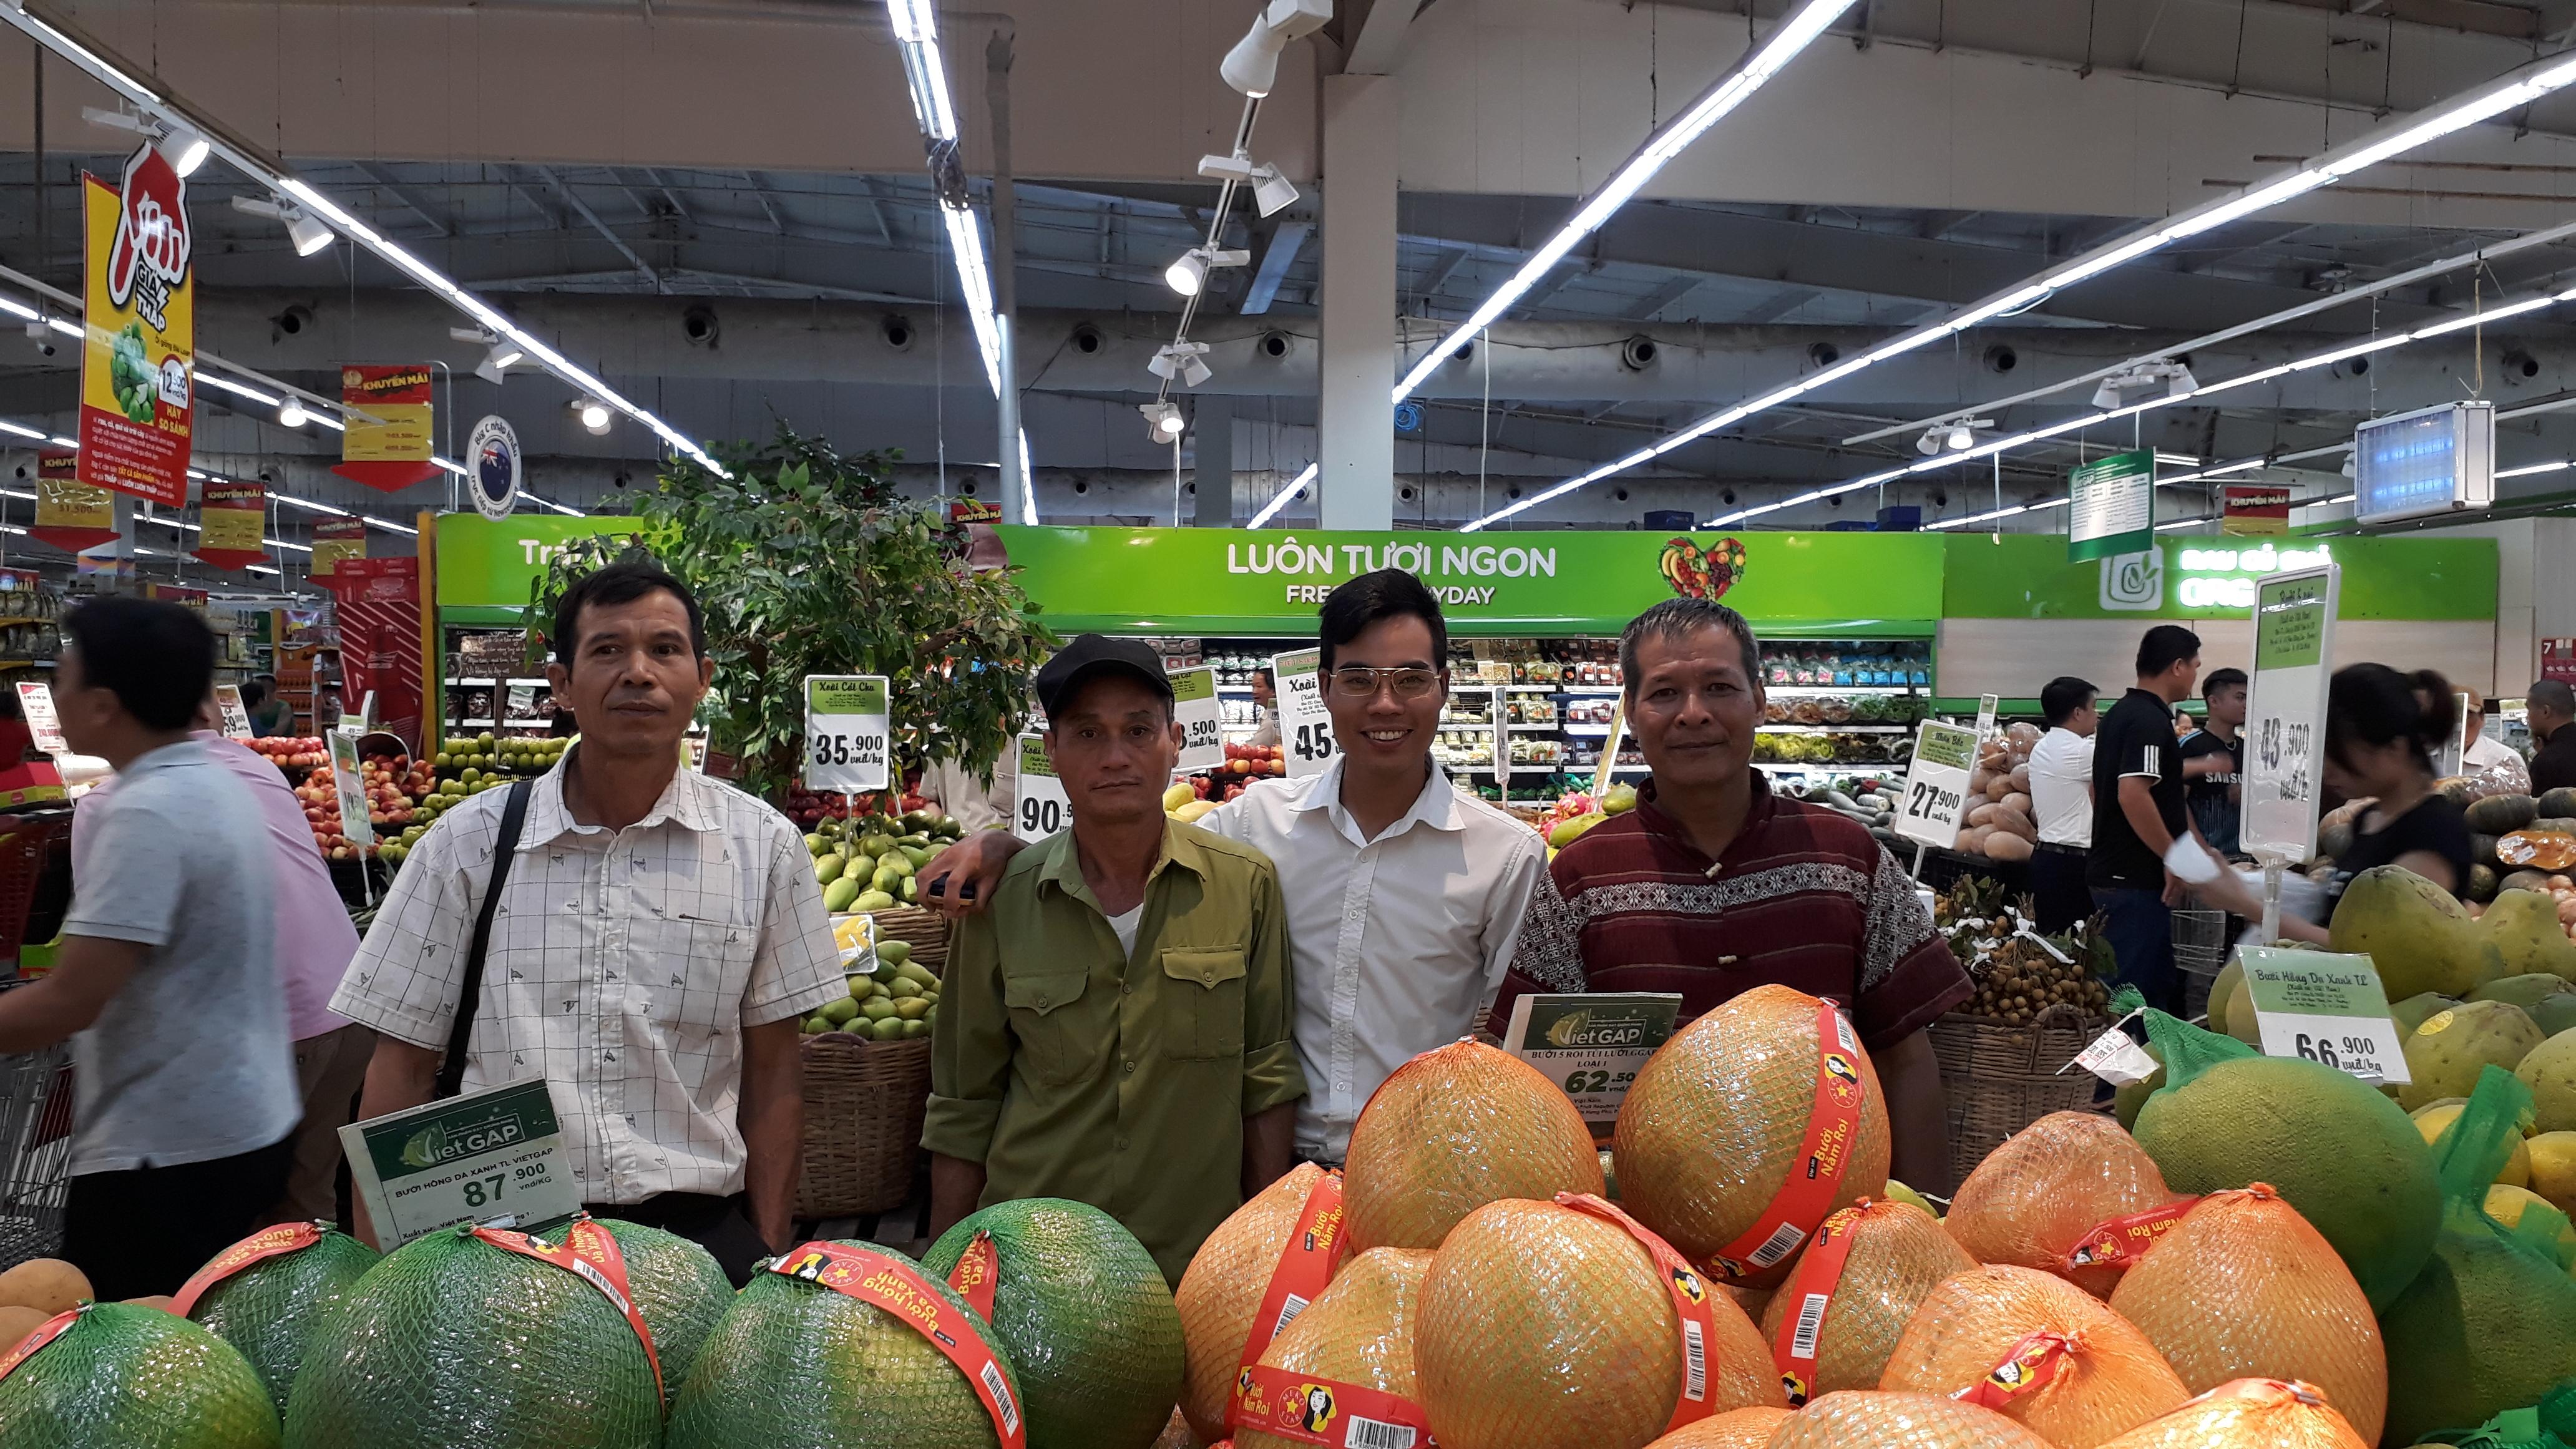 Tổ hợp tác Hữu cơ Đông Lai đơn vị tiên ...